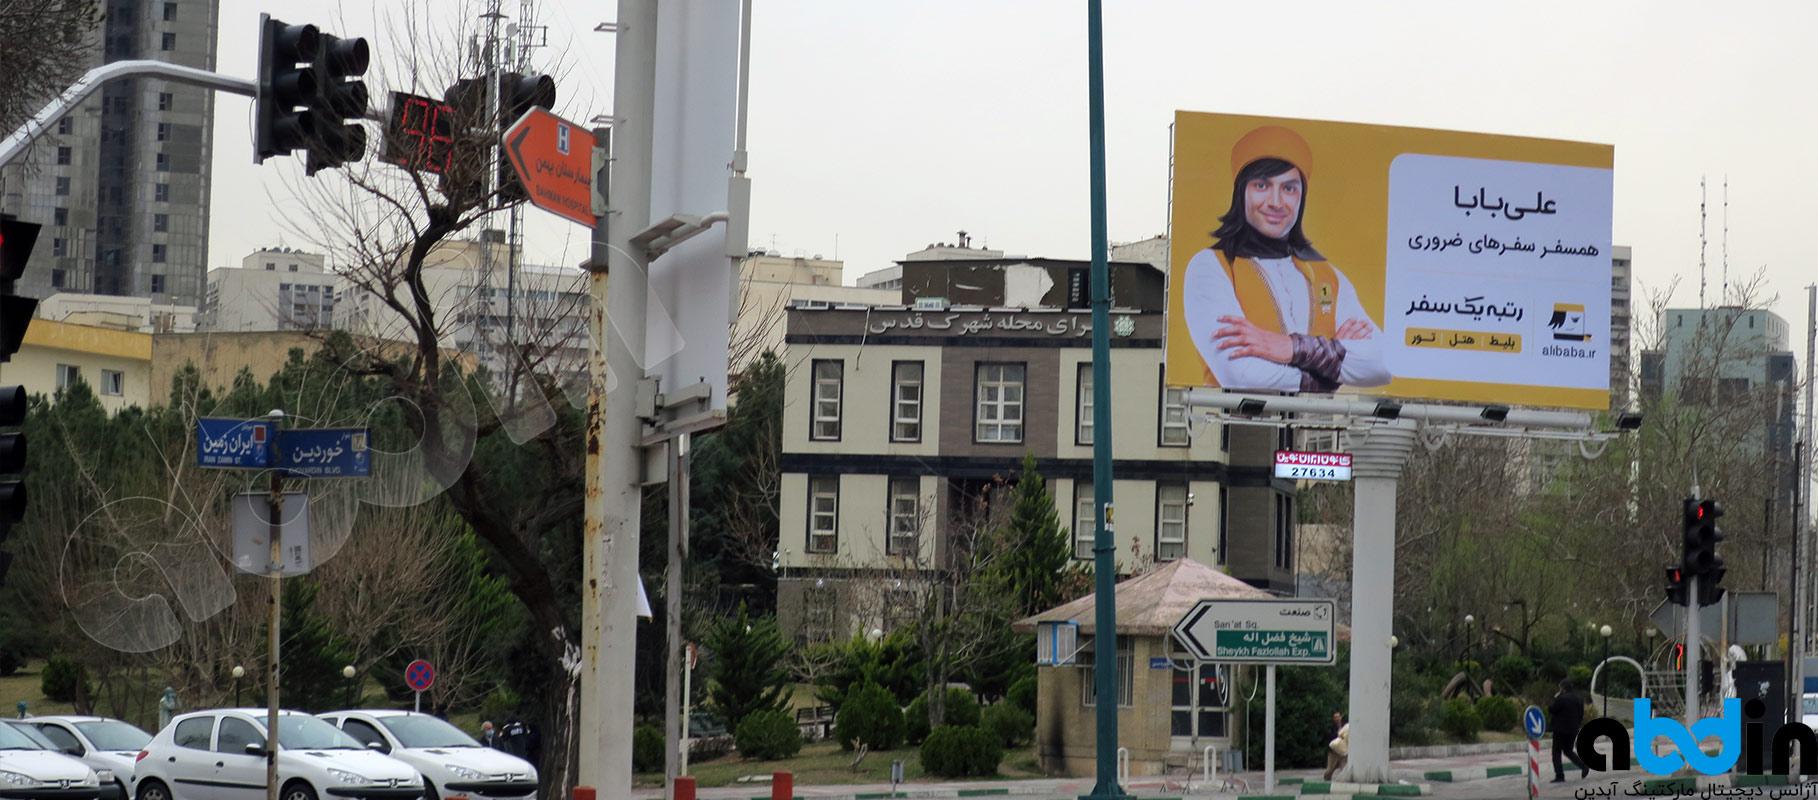 بیلبورد خیابان خوردین نبش ایران زمین